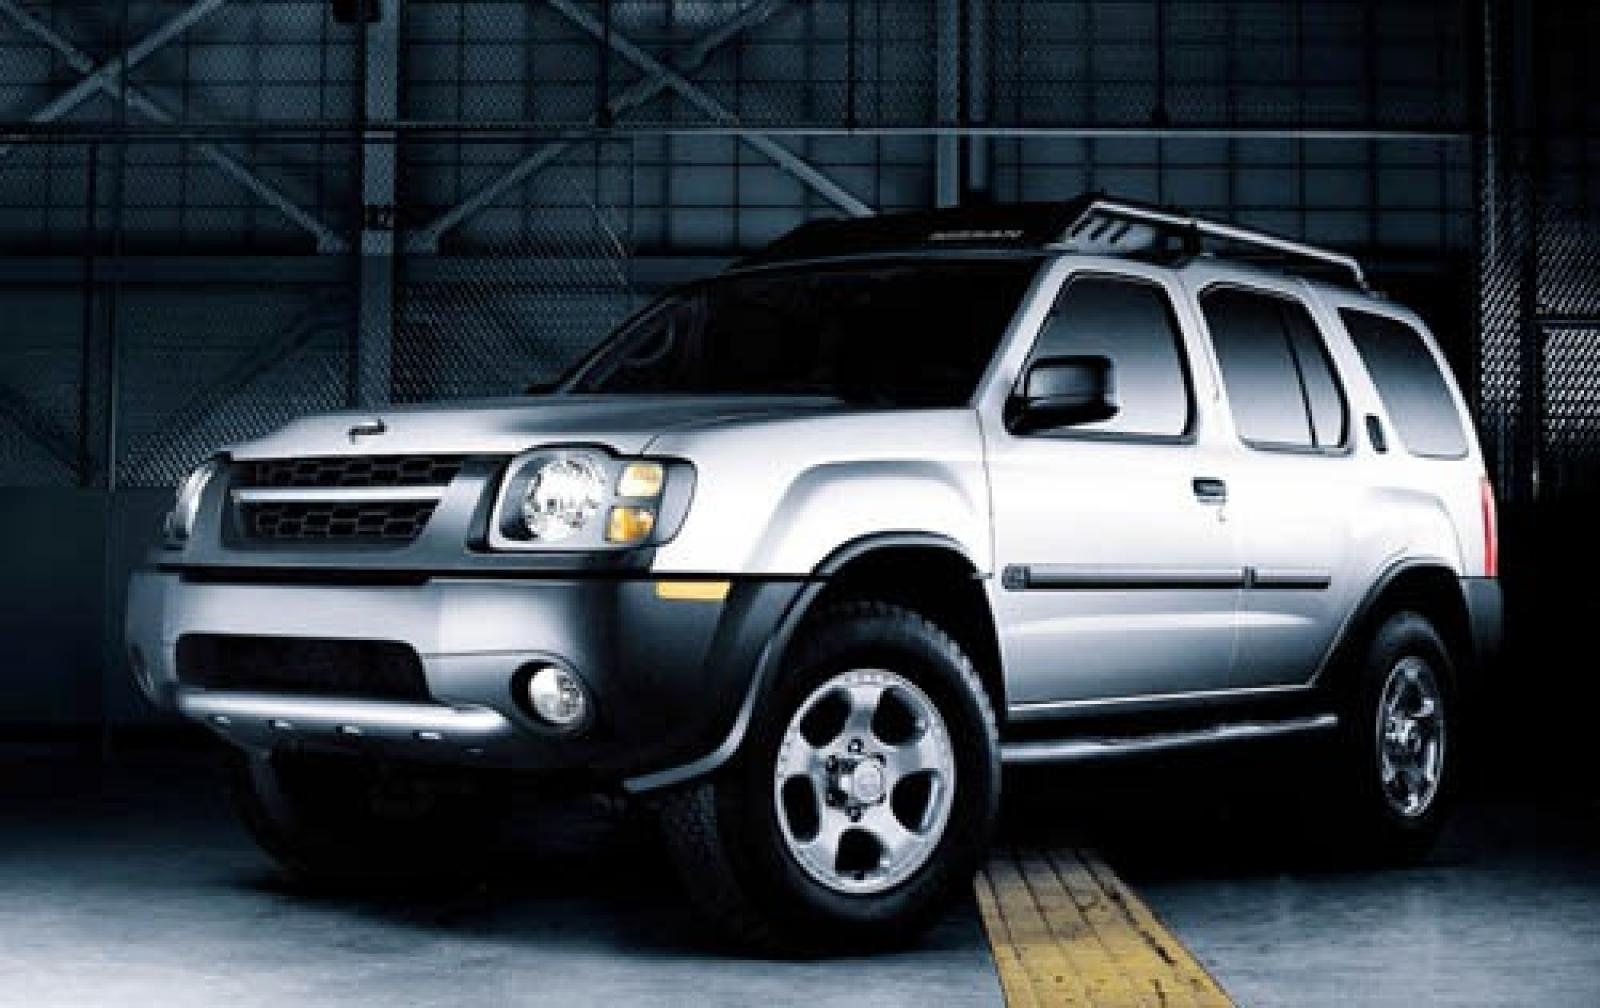 800 1024 1280 1600 origin 2004 Nissan Xterra ...